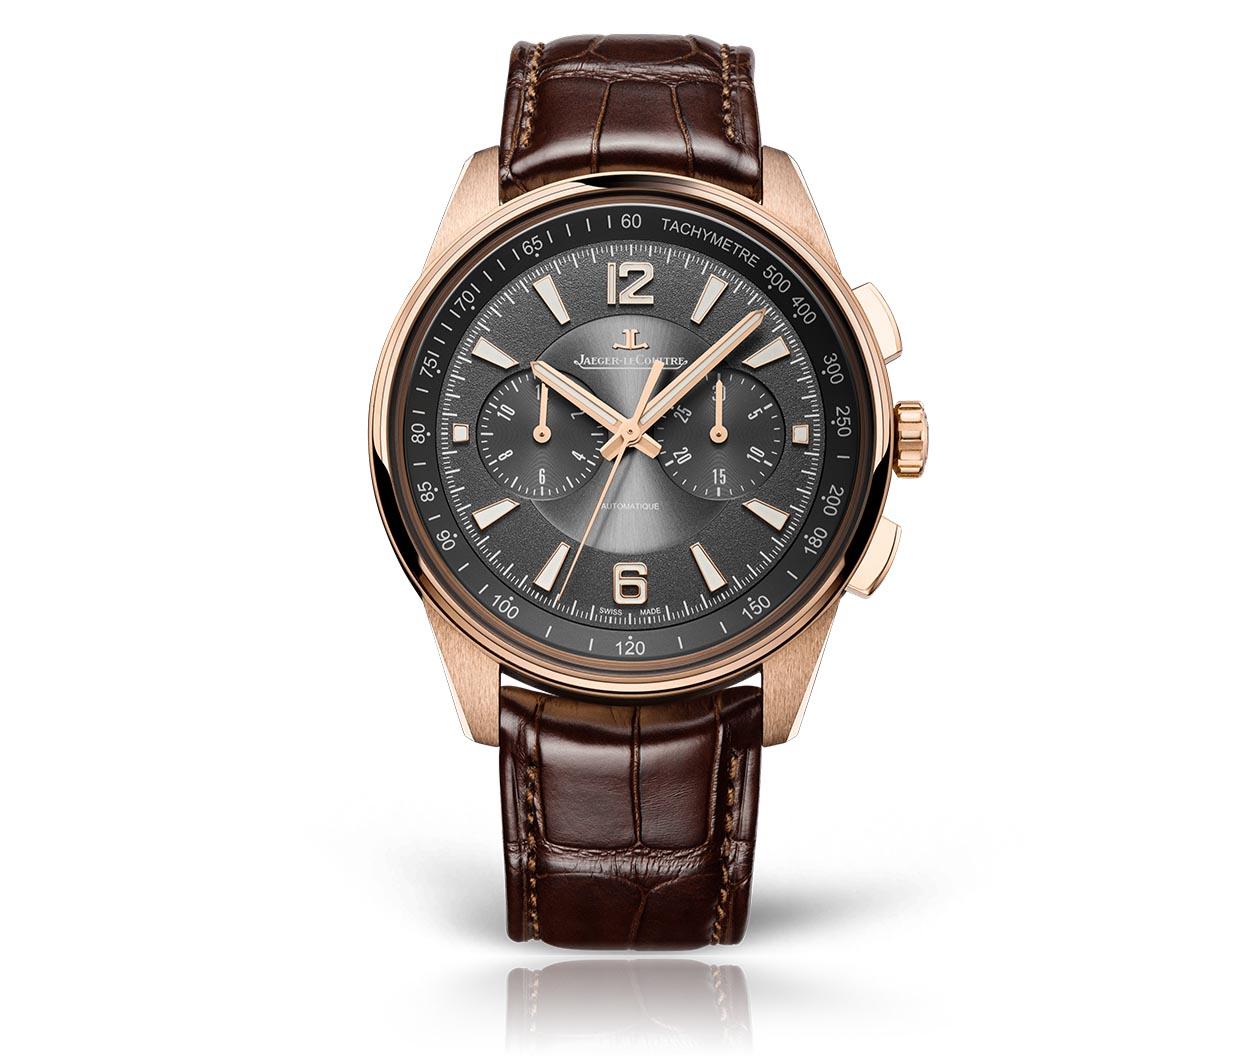 JaegerLeCoultre Polaris Chronograph 9022450 Carousel 1 FINAL